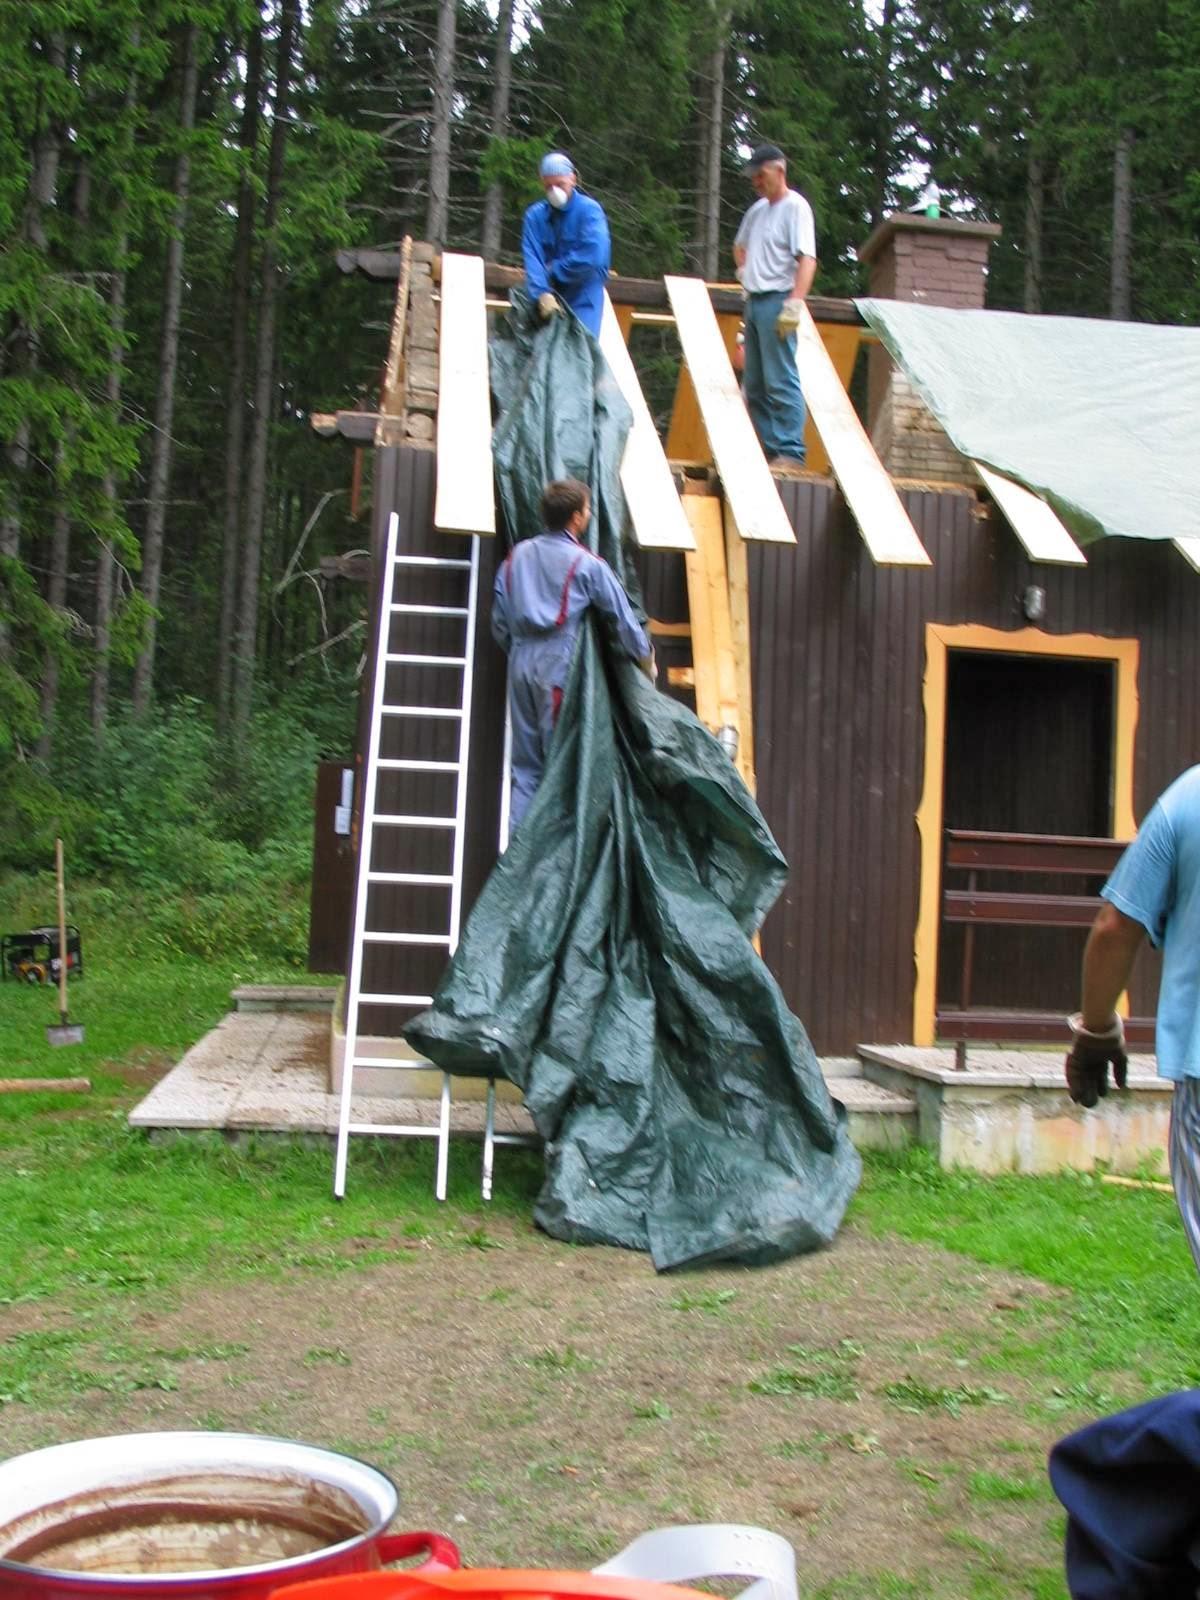 Delovna akcija - Streha, Črni dol 2006 - streha%2B147.jpg